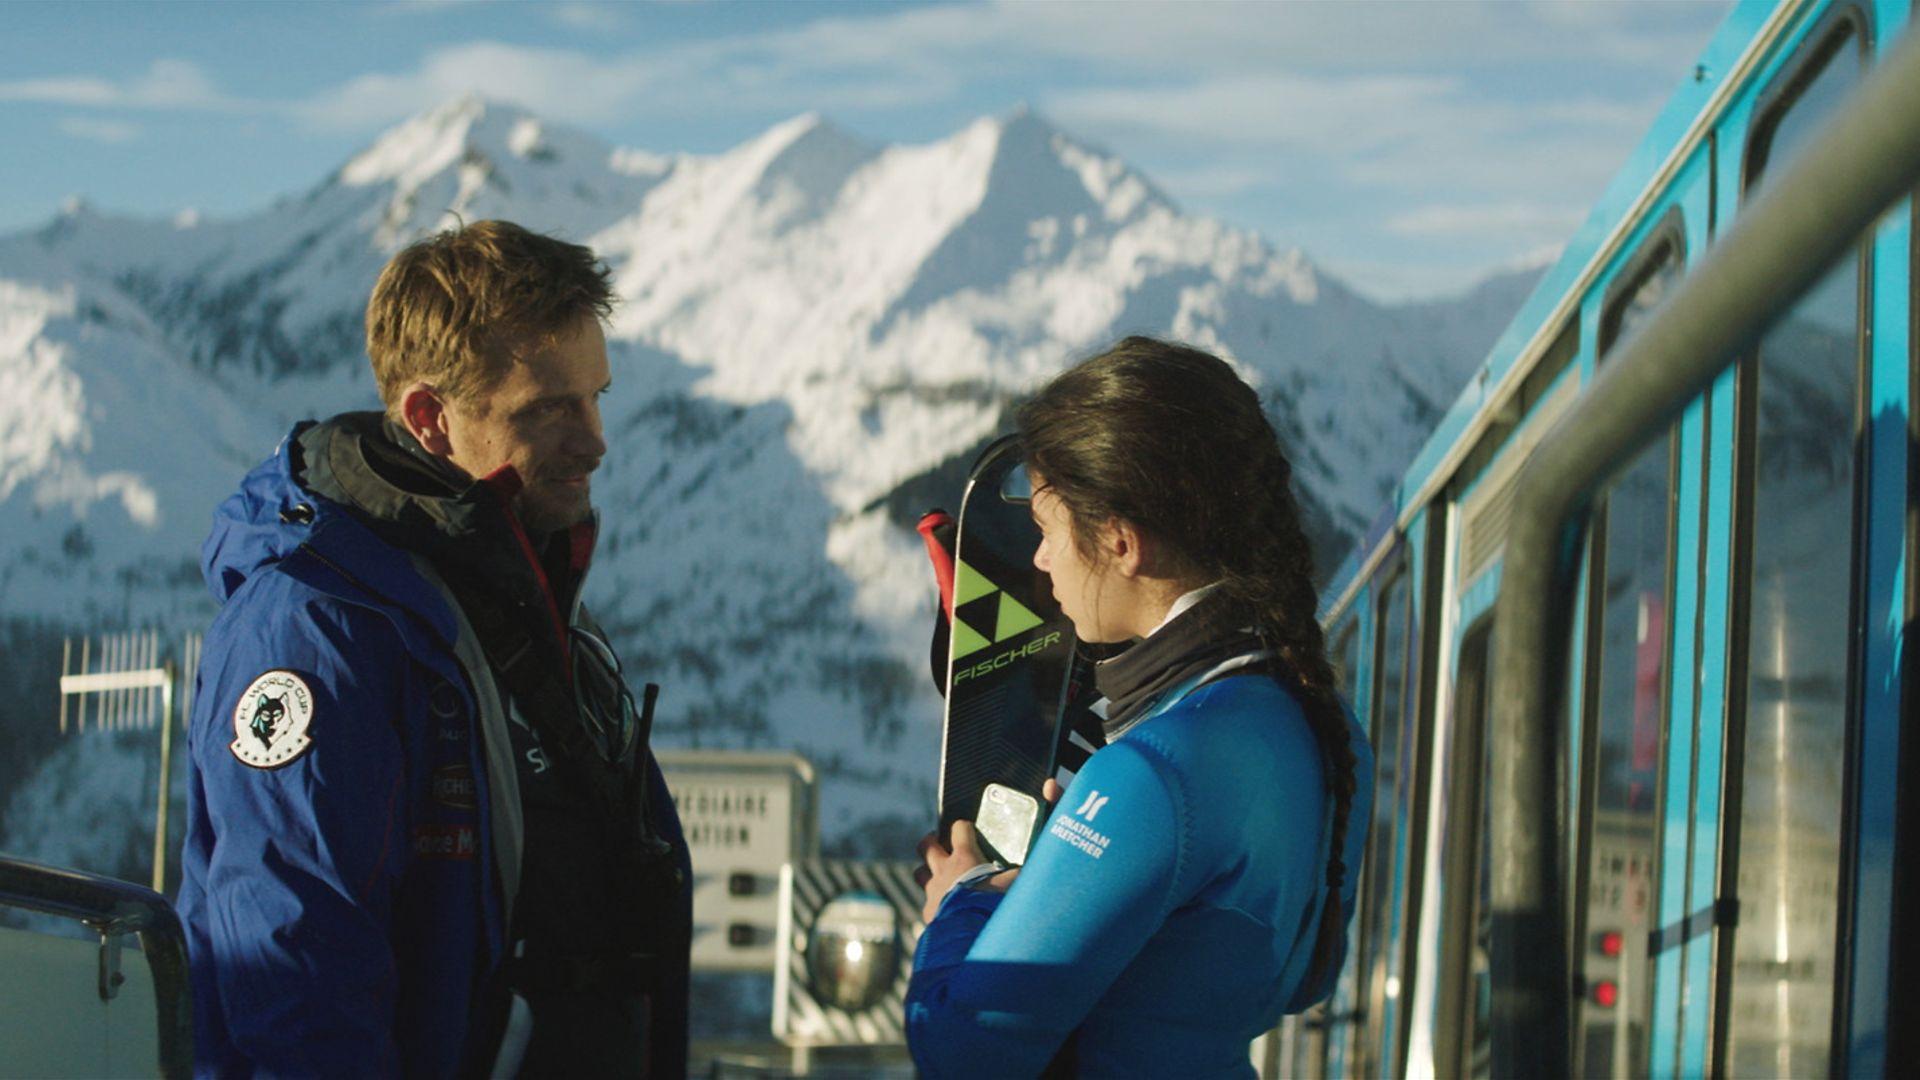 Jérémie Renier and Noée Abita, in Slalom - Credit: Mille et une productions